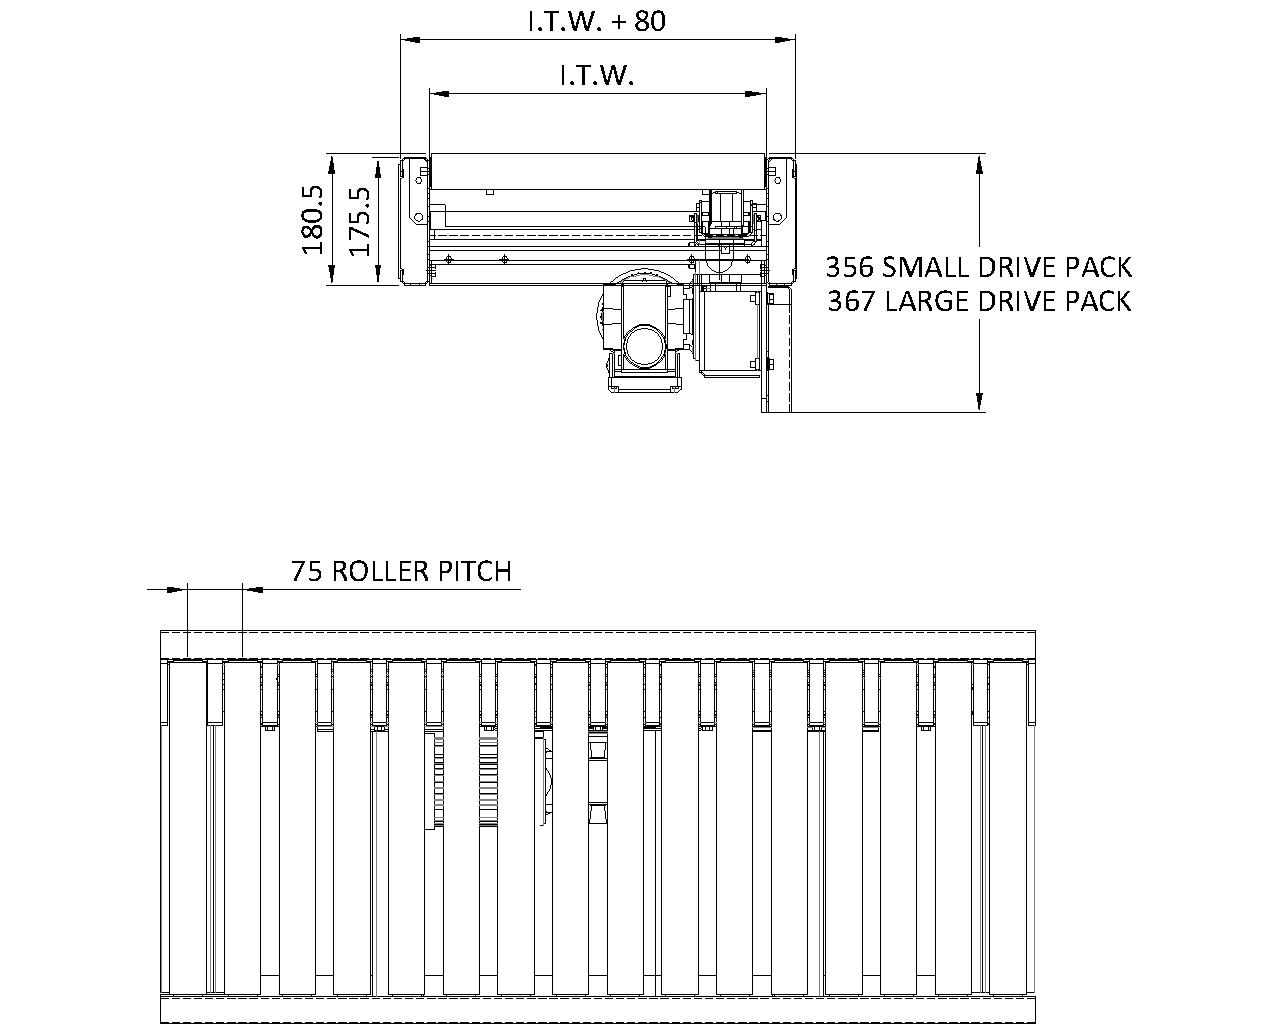 Painted Steel Belt Under Roller Conveyor - Overview - Conveyor Units